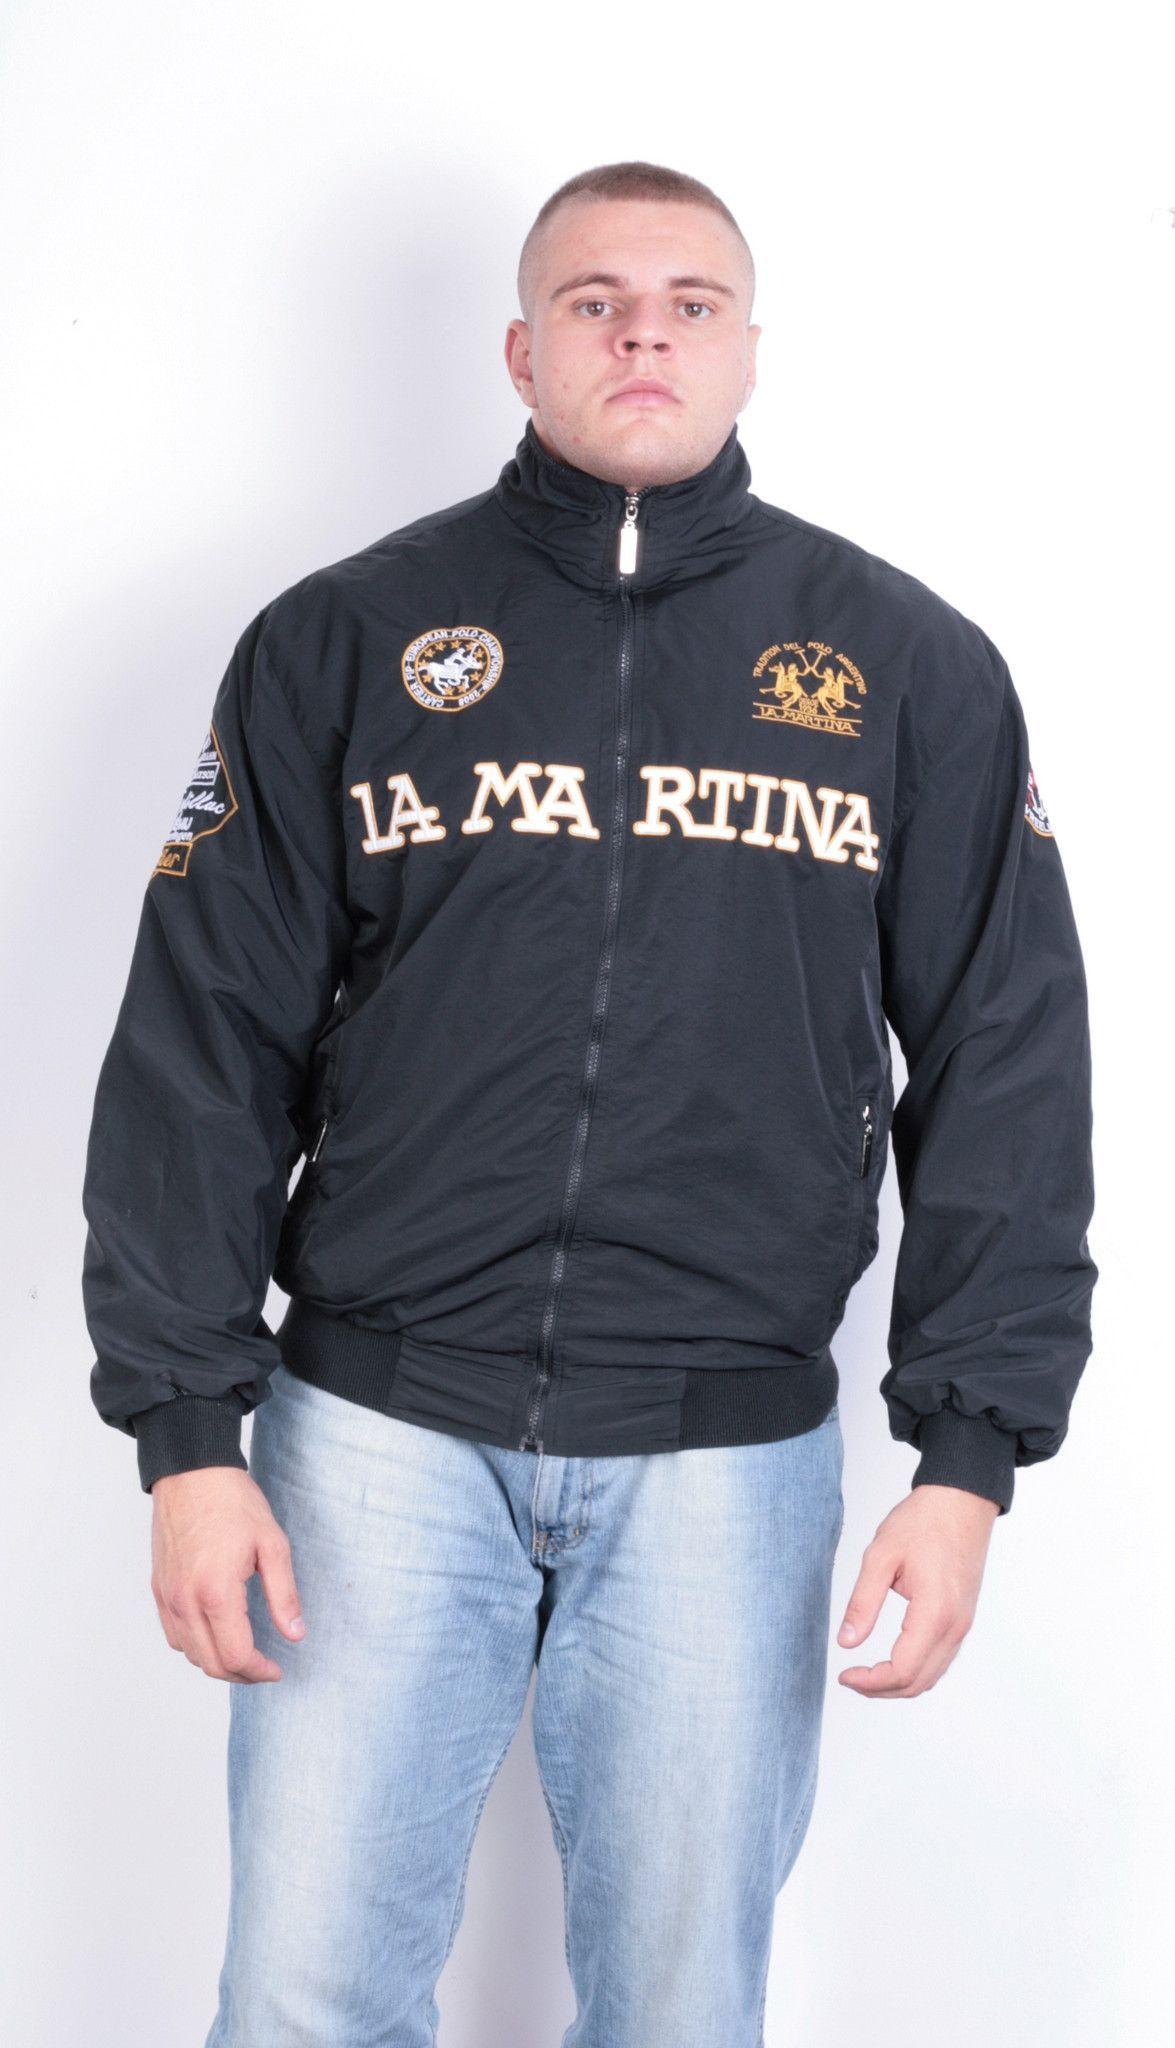 La Martina Mens 5XL Jacket Black Full Zipper Tradition Del